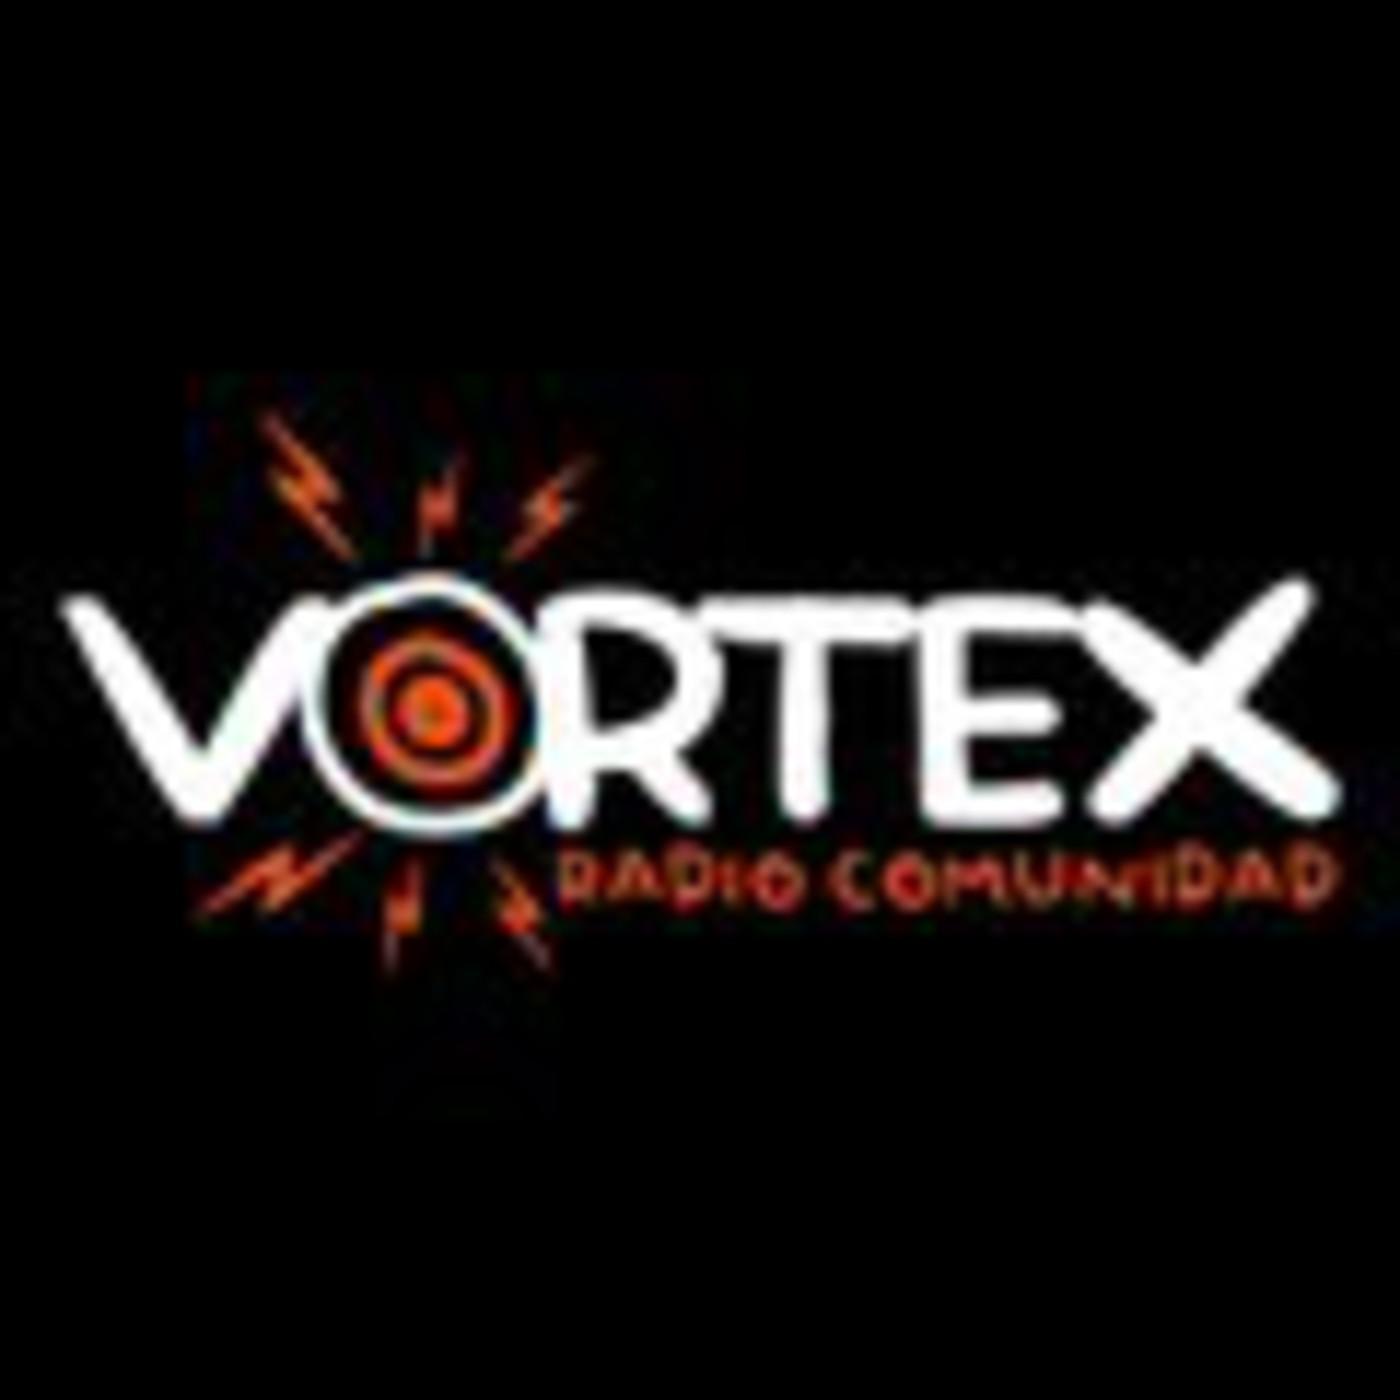 VORTEX RADIO COMUNIDAD